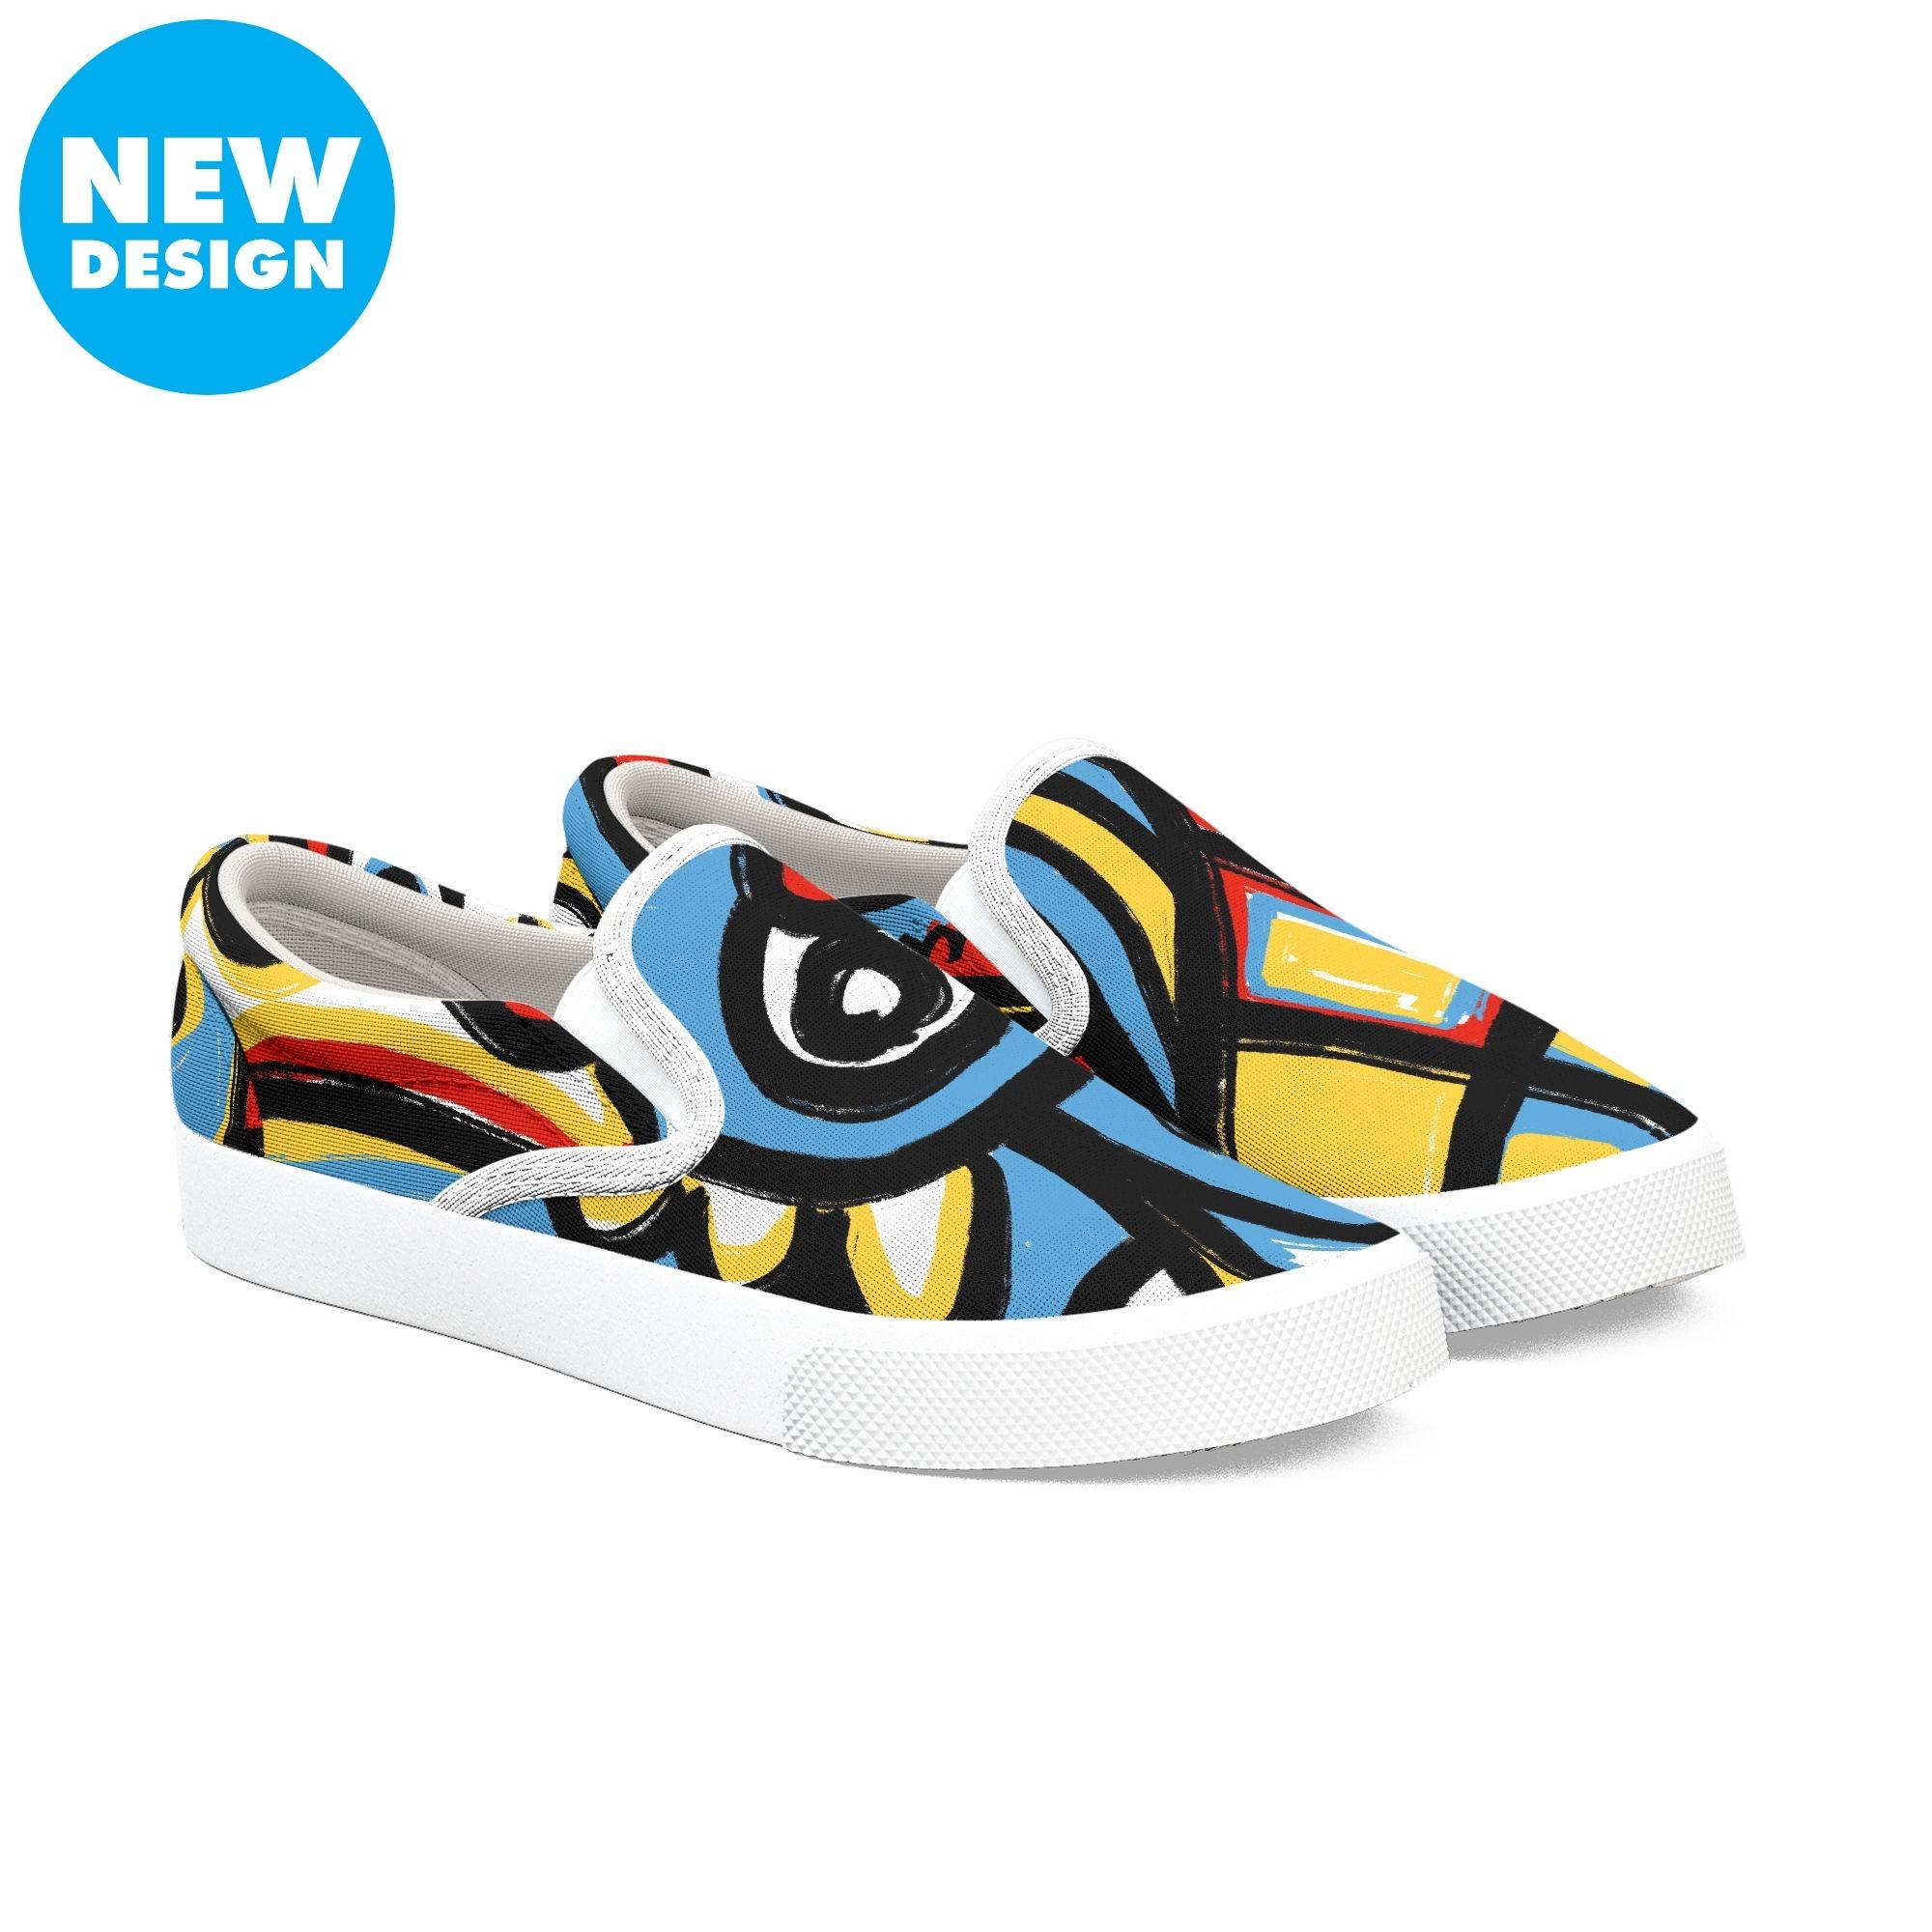 design Shoes Collection - art, streetart - signorino | ello